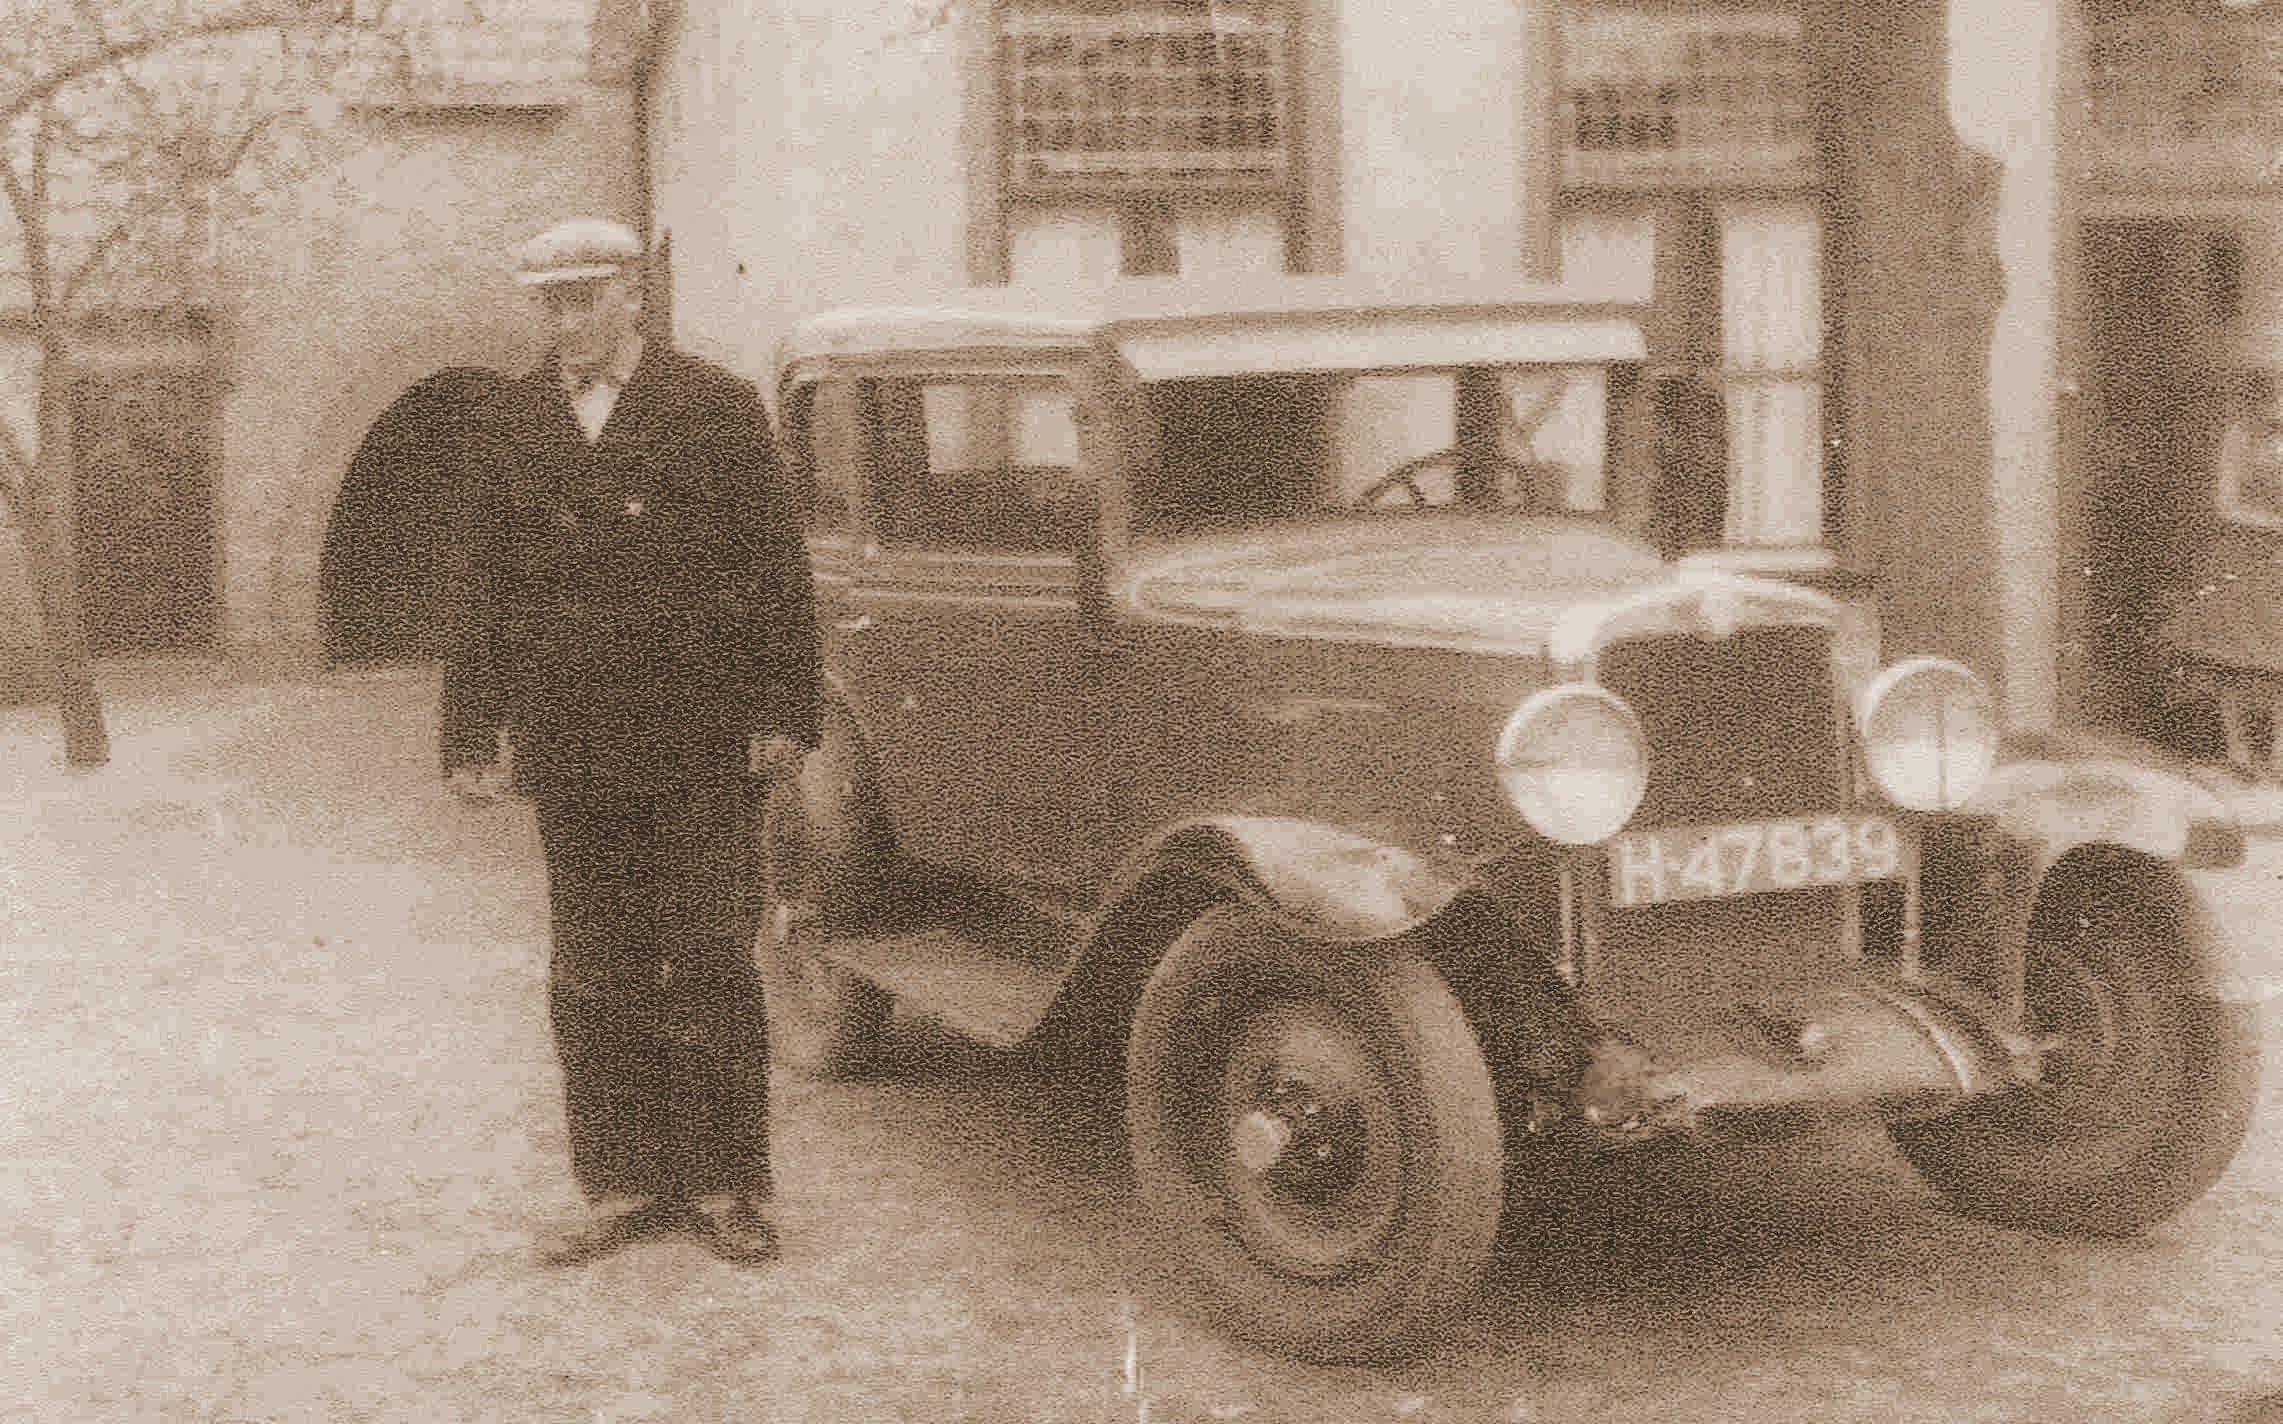 Luuk-Holl-dreef-een-taxibedrijf-in-Hei-en-Boeicop-en-heeft-diverse-automerken-gereden--Hier-poseert-hij-trots-bij-een-van-zijn-taxi-s